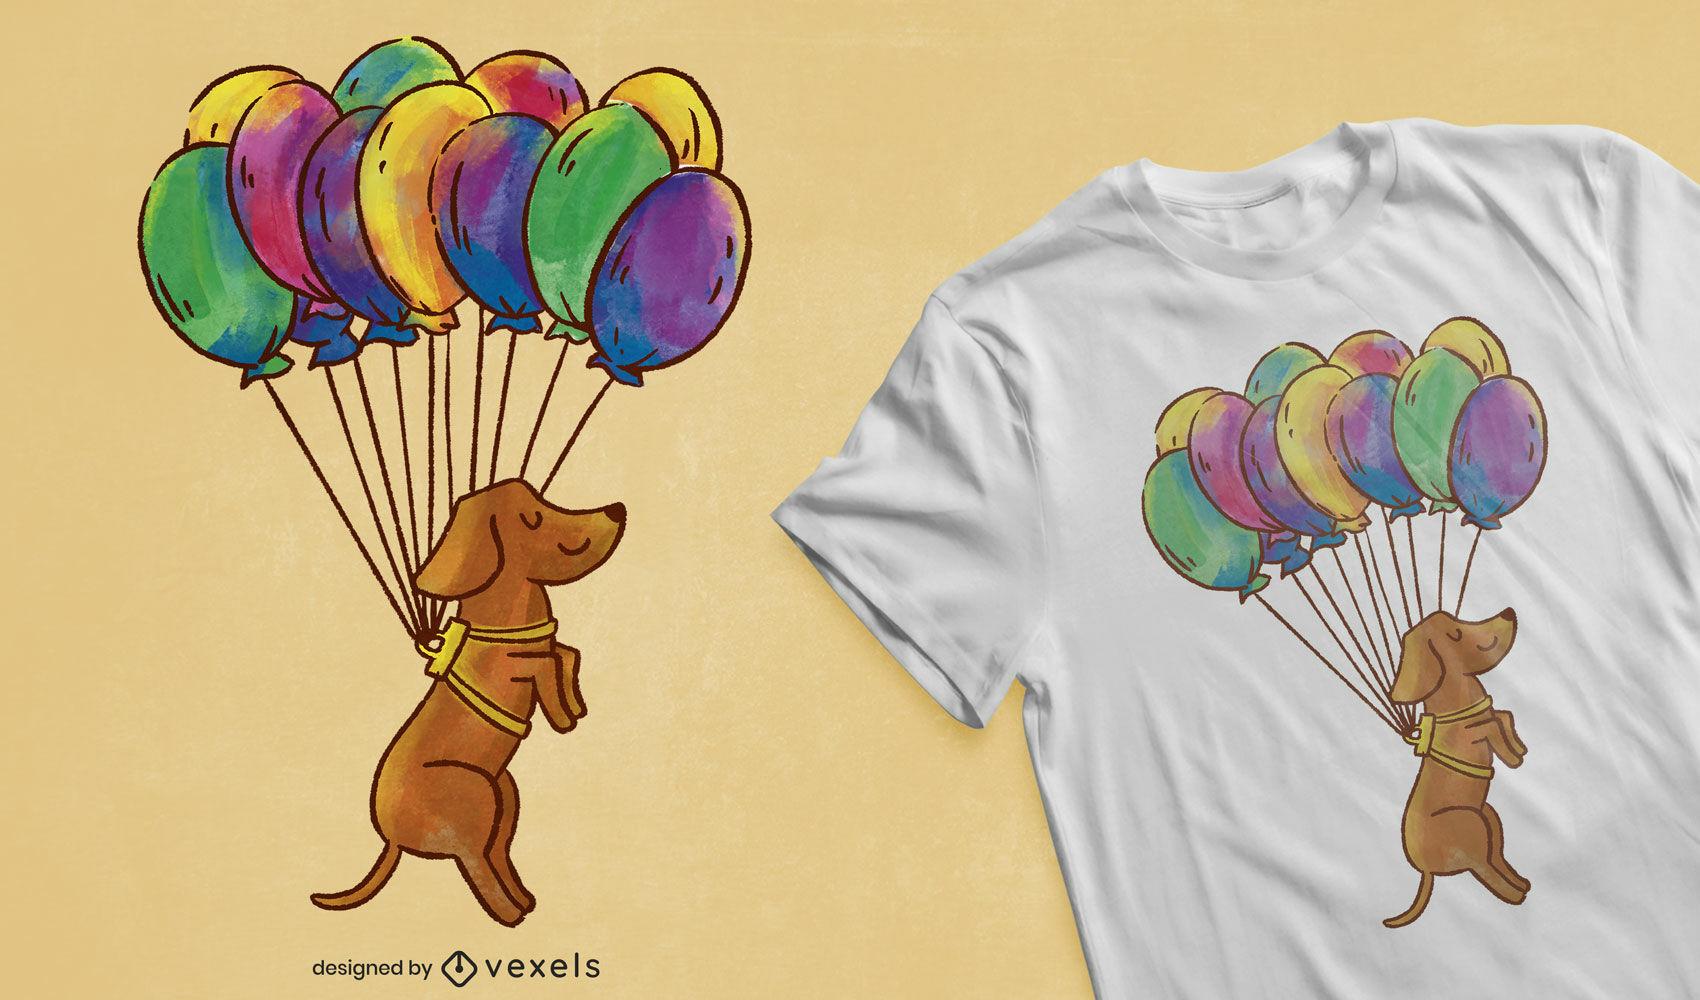 Dise?o de camiseta de globos de perro Dachshund.